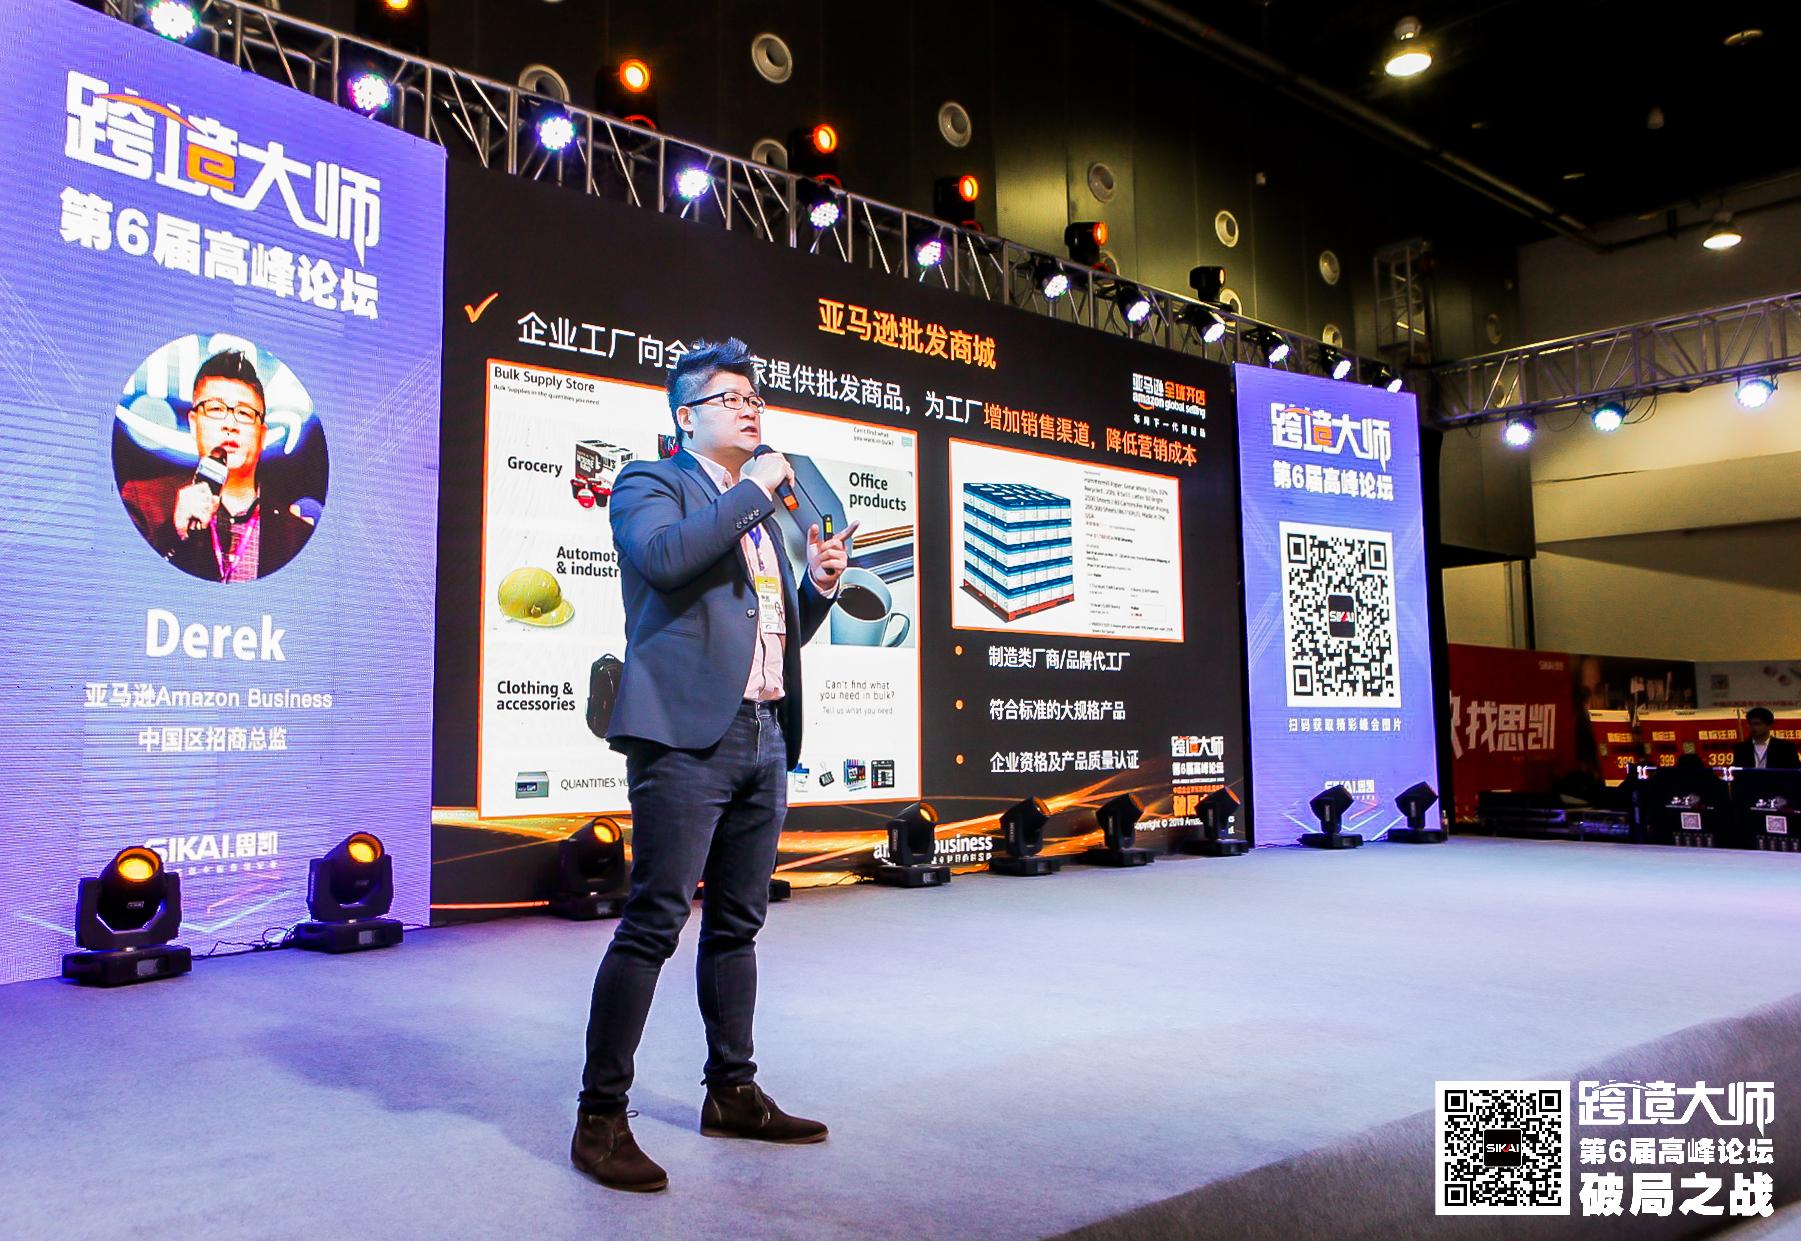 助力中国企业 做全世界的供应商-上-Derek